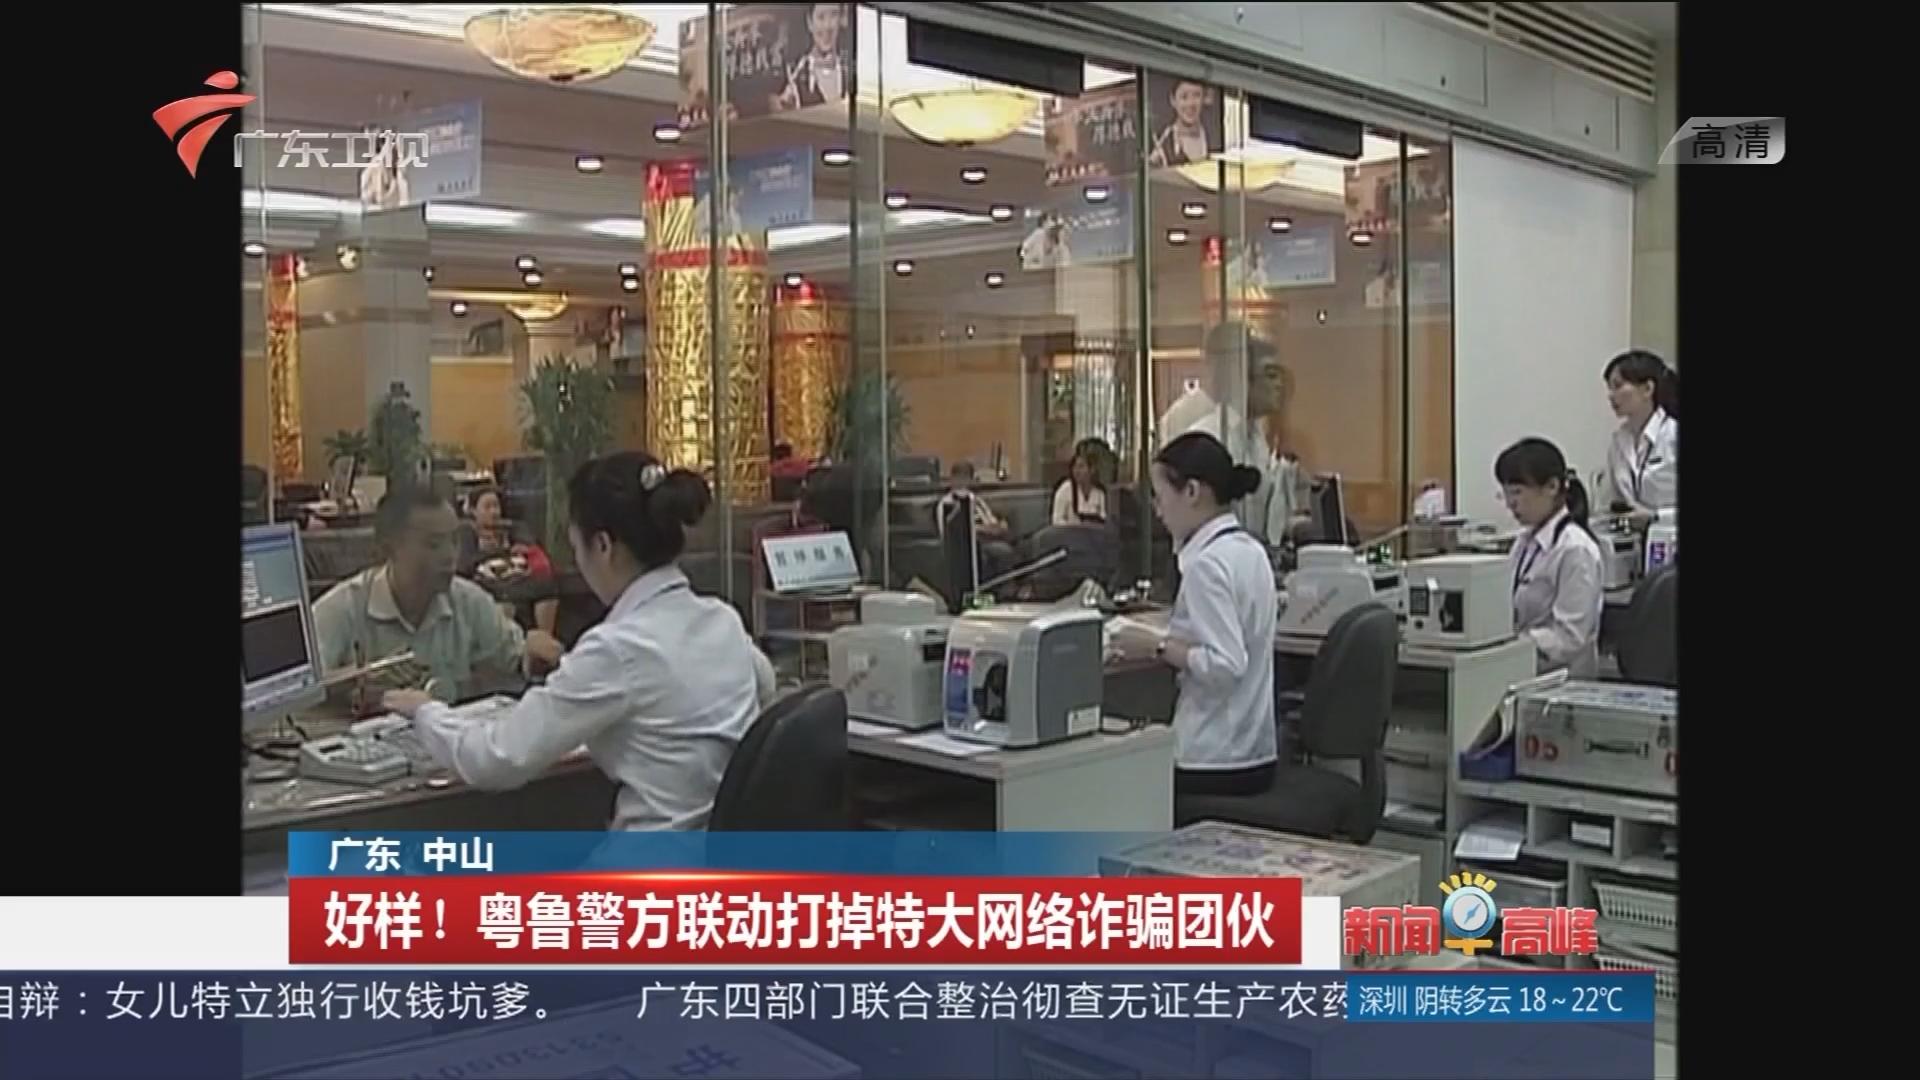 广东 中山:好样!粤鲁警方联动打掉特大网络诈骗团伙